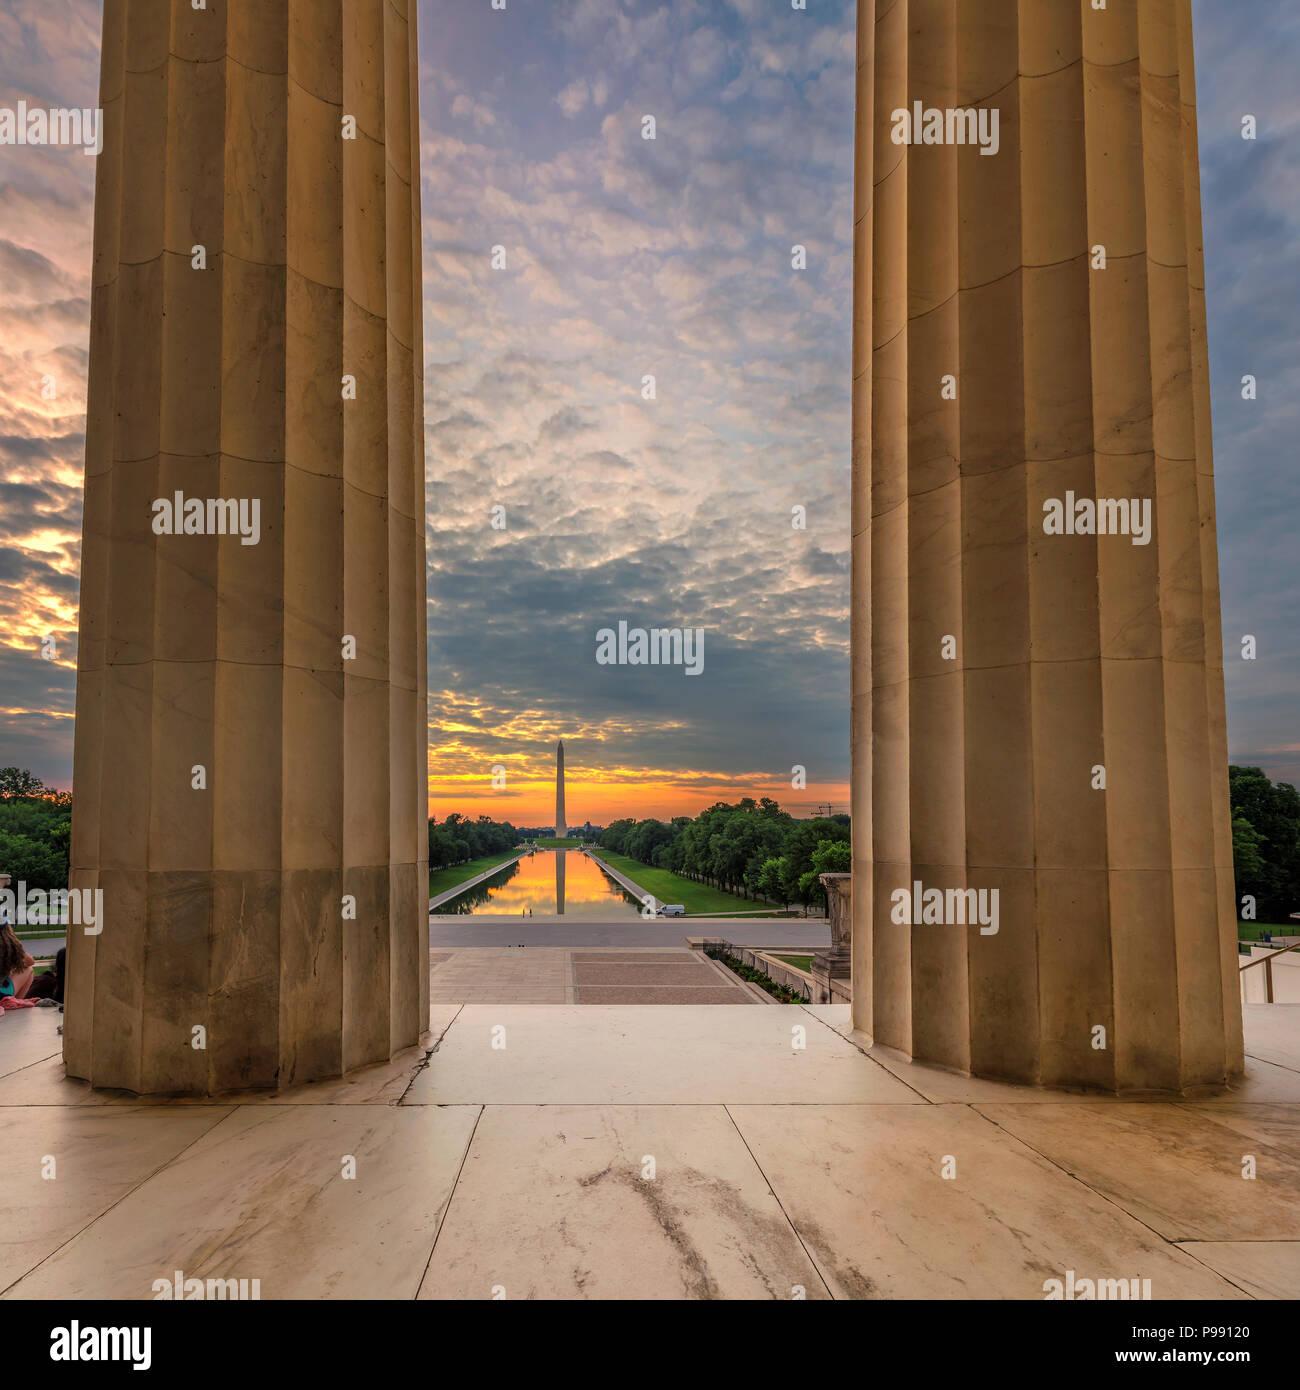 Amanecer en el Lincoln Memorial en Washington D.C. Imagen De Stock